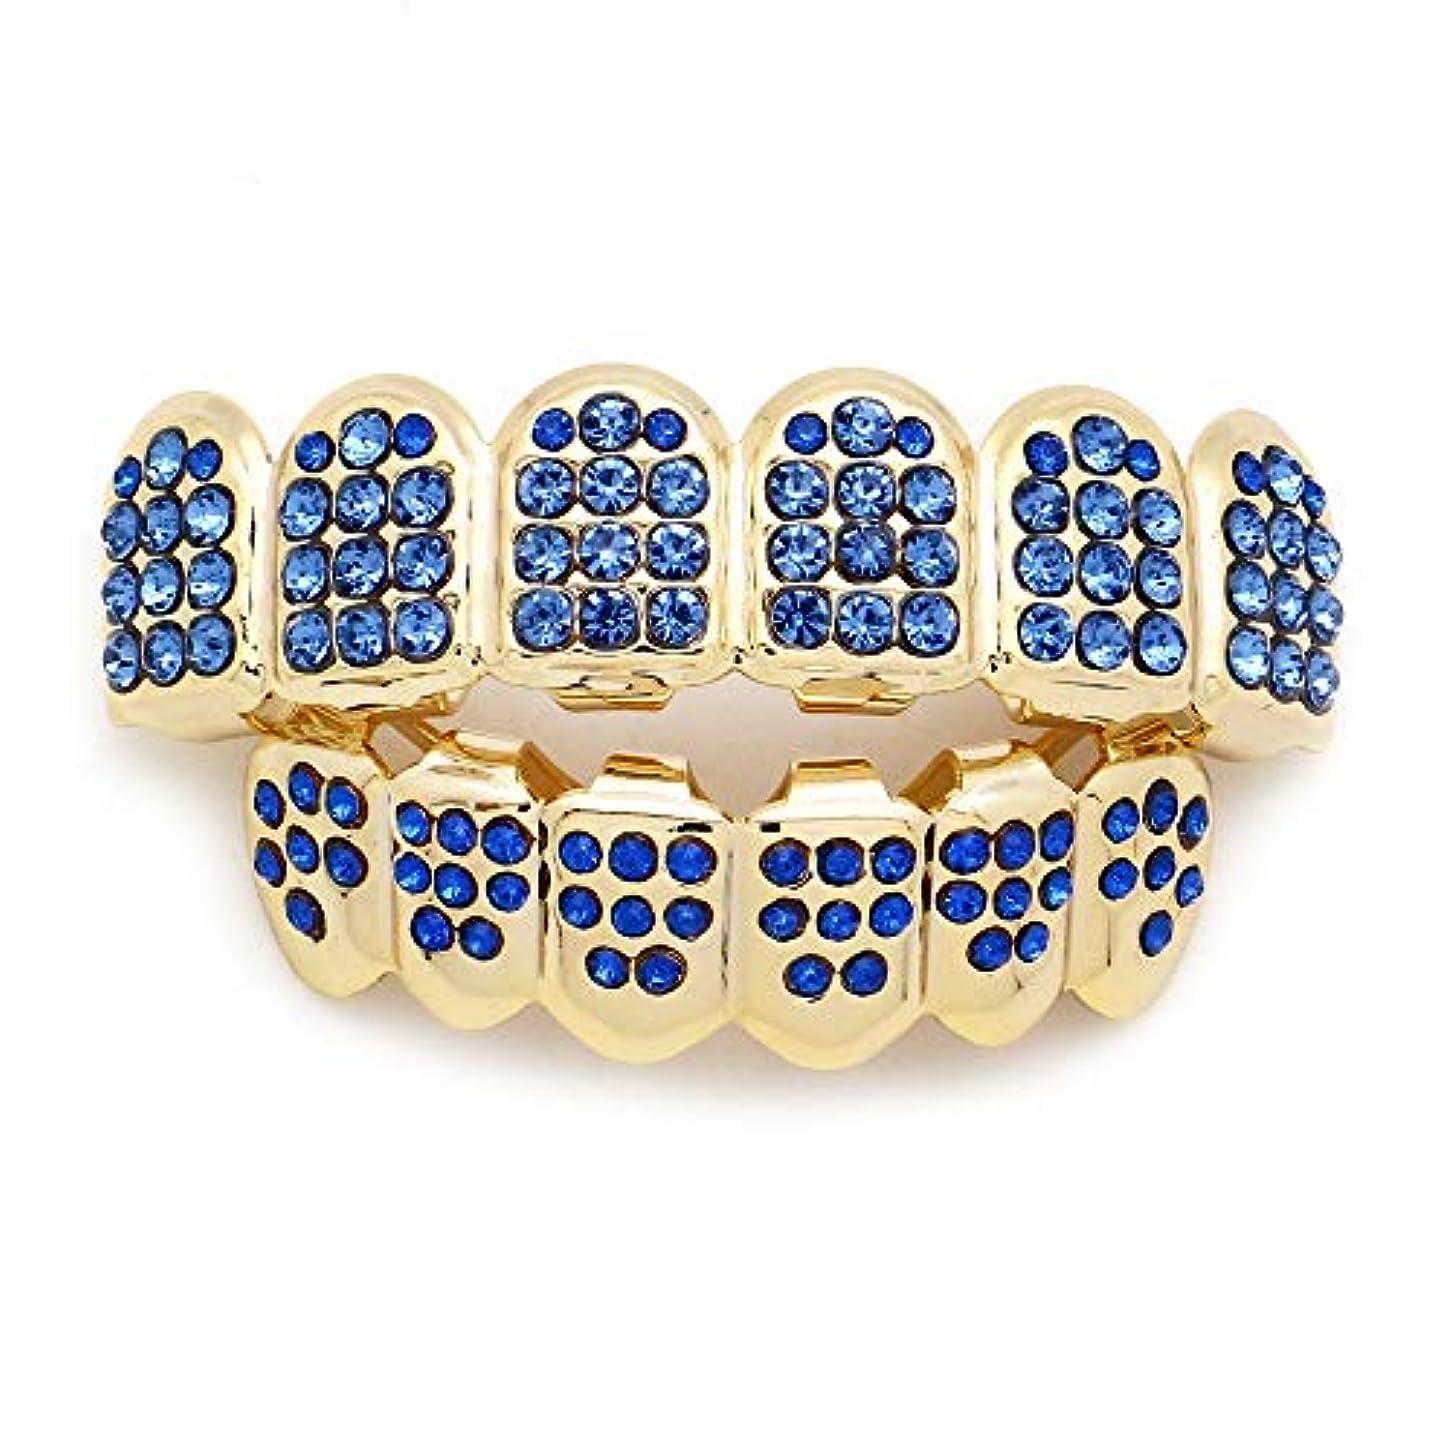 休日手を差し伸べる使用法ダイヤモンドゴールドプレートHIPHOPティースキャップ、ヨーロッパ系アメリカ人INS最もホットなゴールド&ブラック&シルバー歯ブレース口の歯 (Color : Blue)